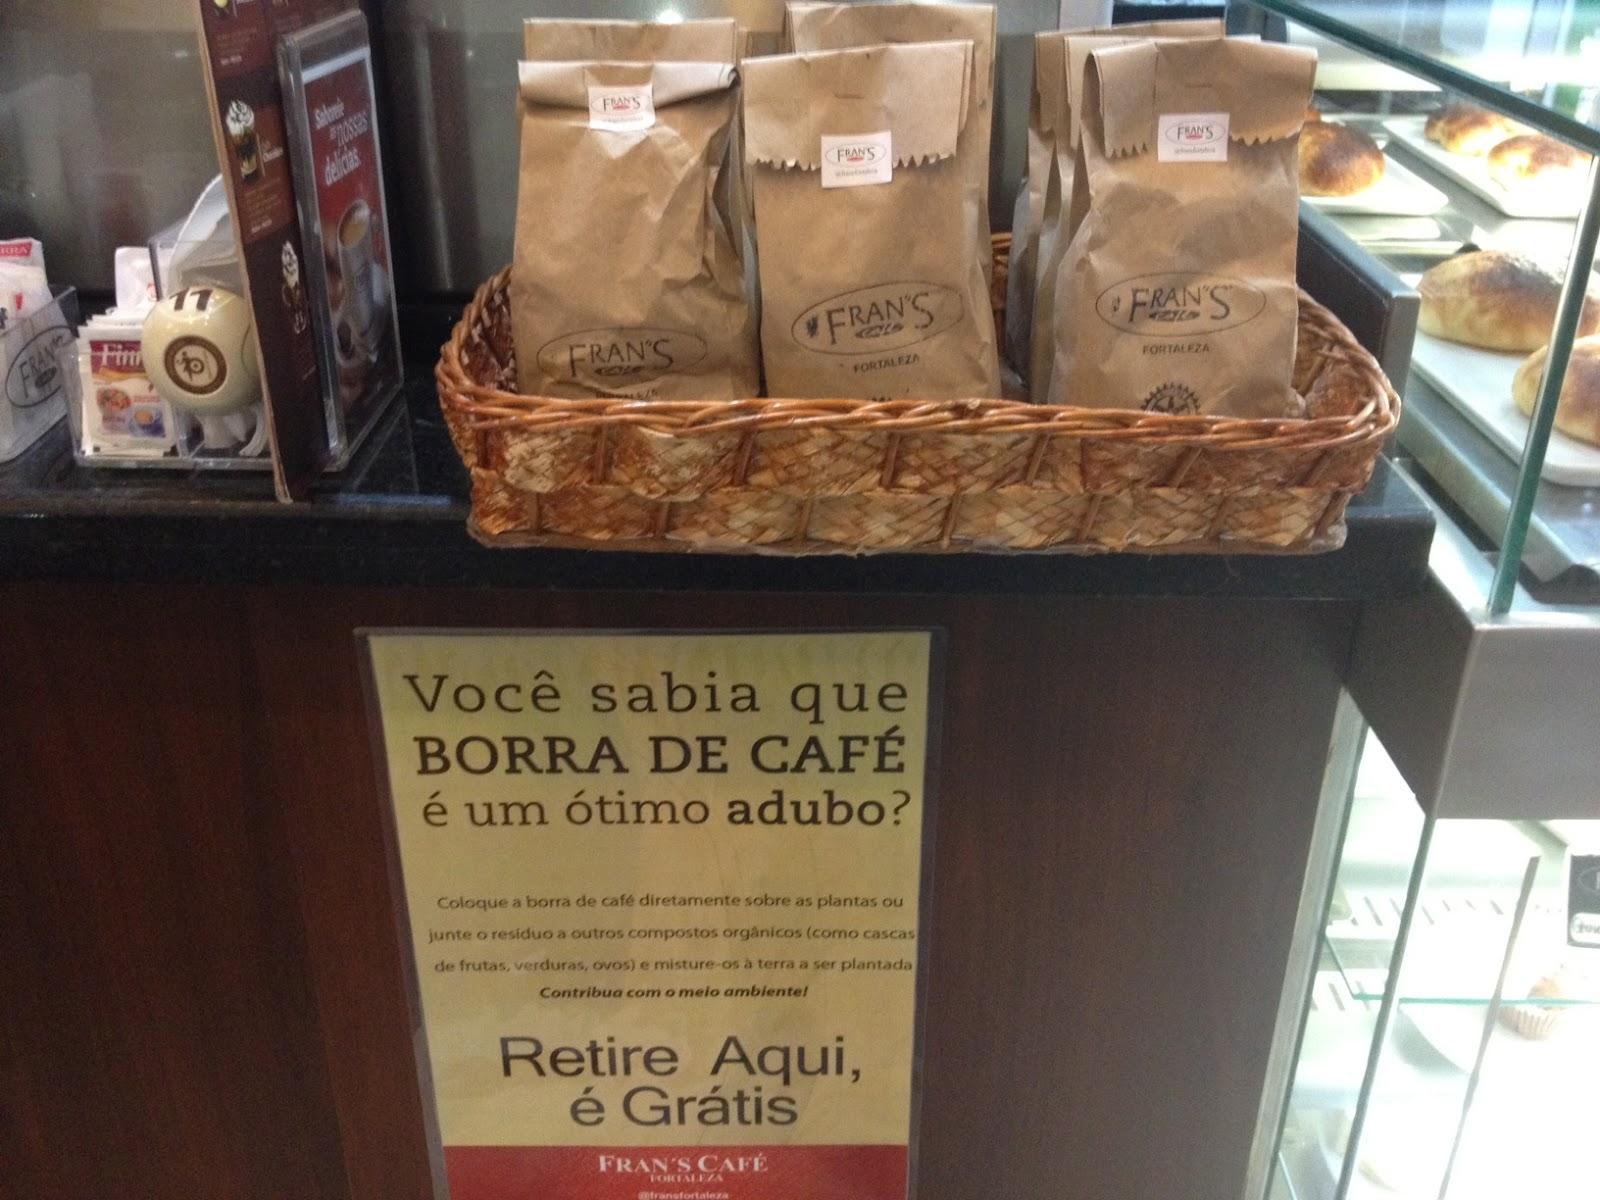 Frans-Cafe-Borra-Blog-Boas-Dicas